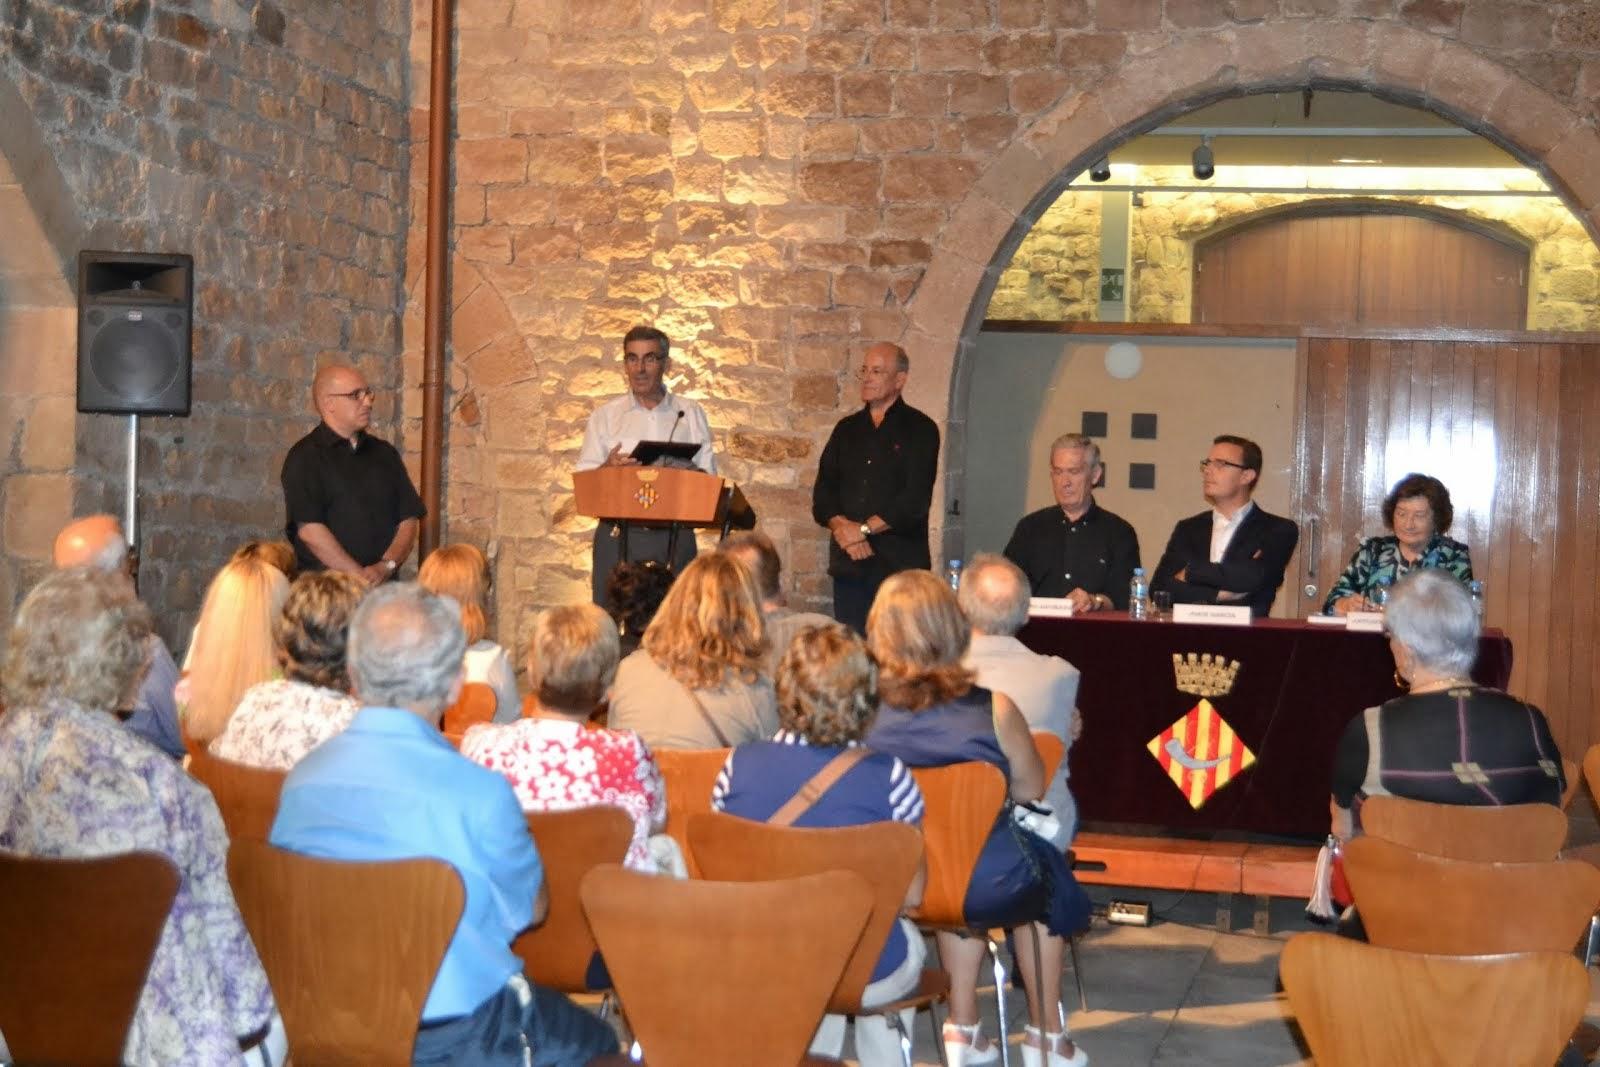 PRESENTACIÓN DEL HIMNO DE NUESTRA ASOCIACIÓN EN EL CASTILLO DE CORNELLÁ (BARCELONA)